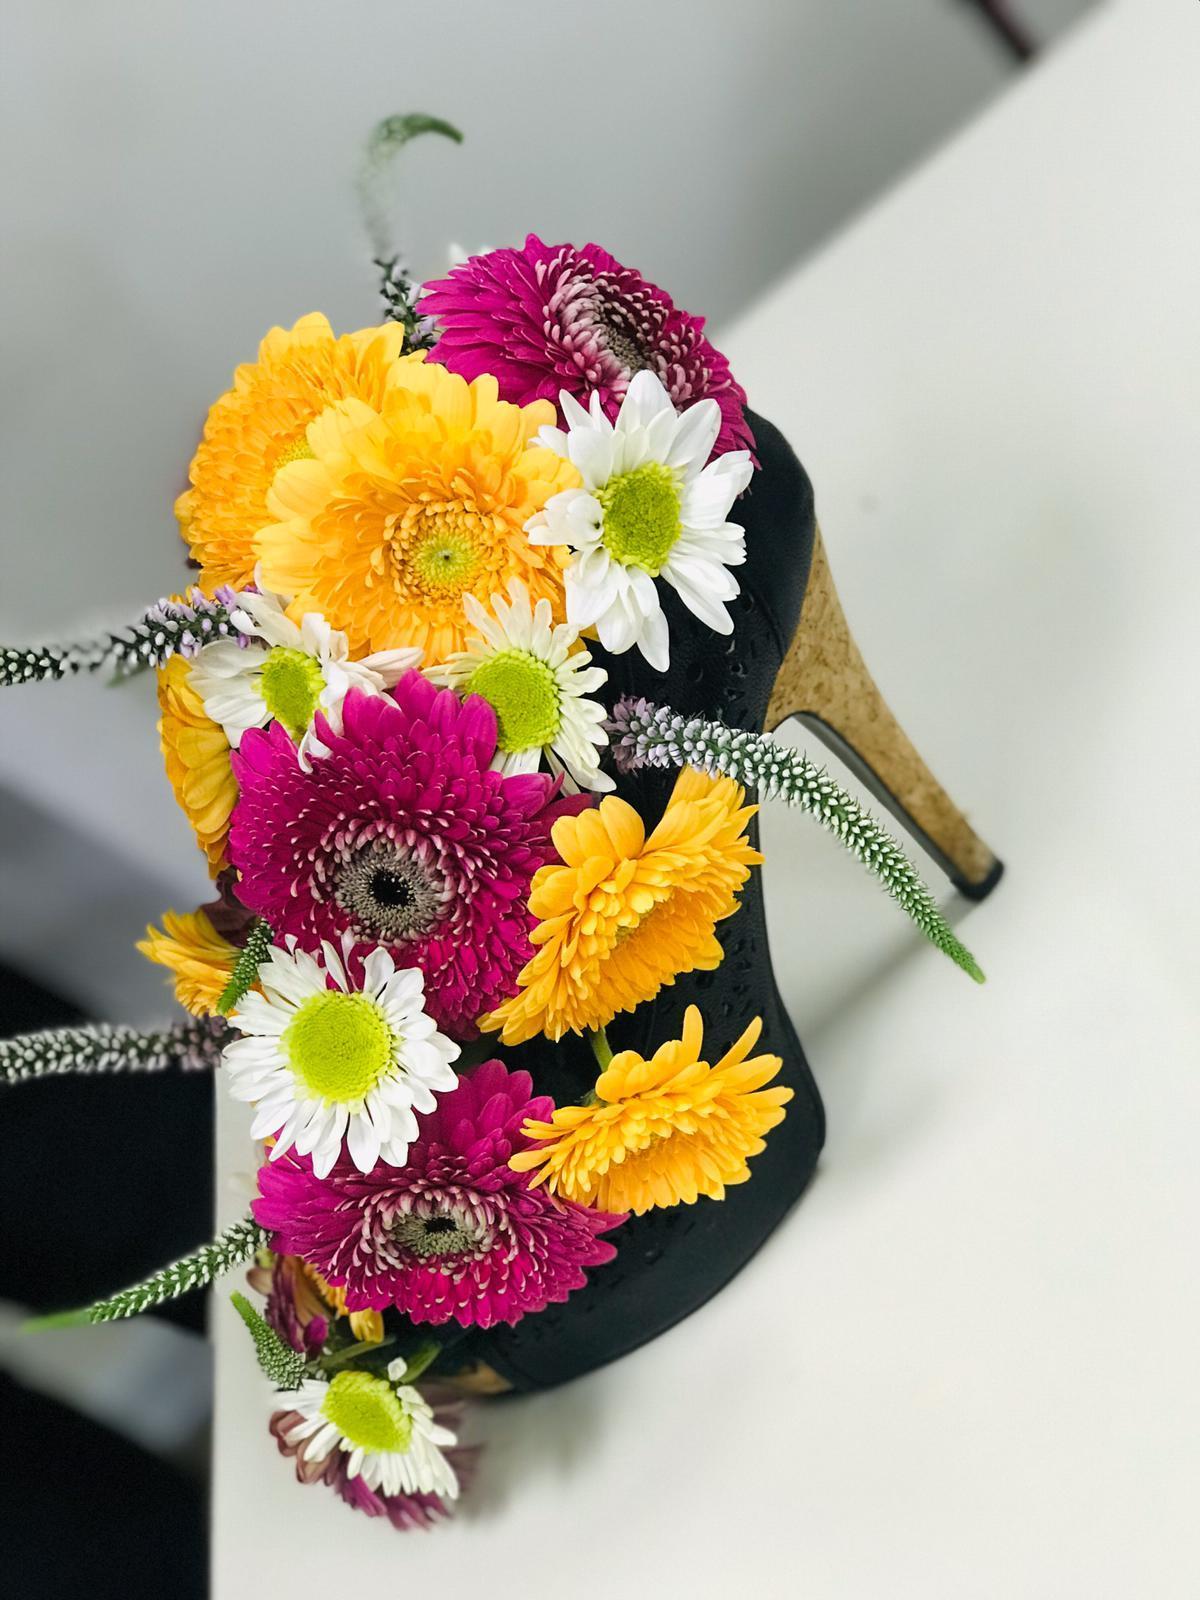 גלרייה - שיעור שזירת פרחים - קורס הפקת אירועים מחזור 24, 27 מתוך 35